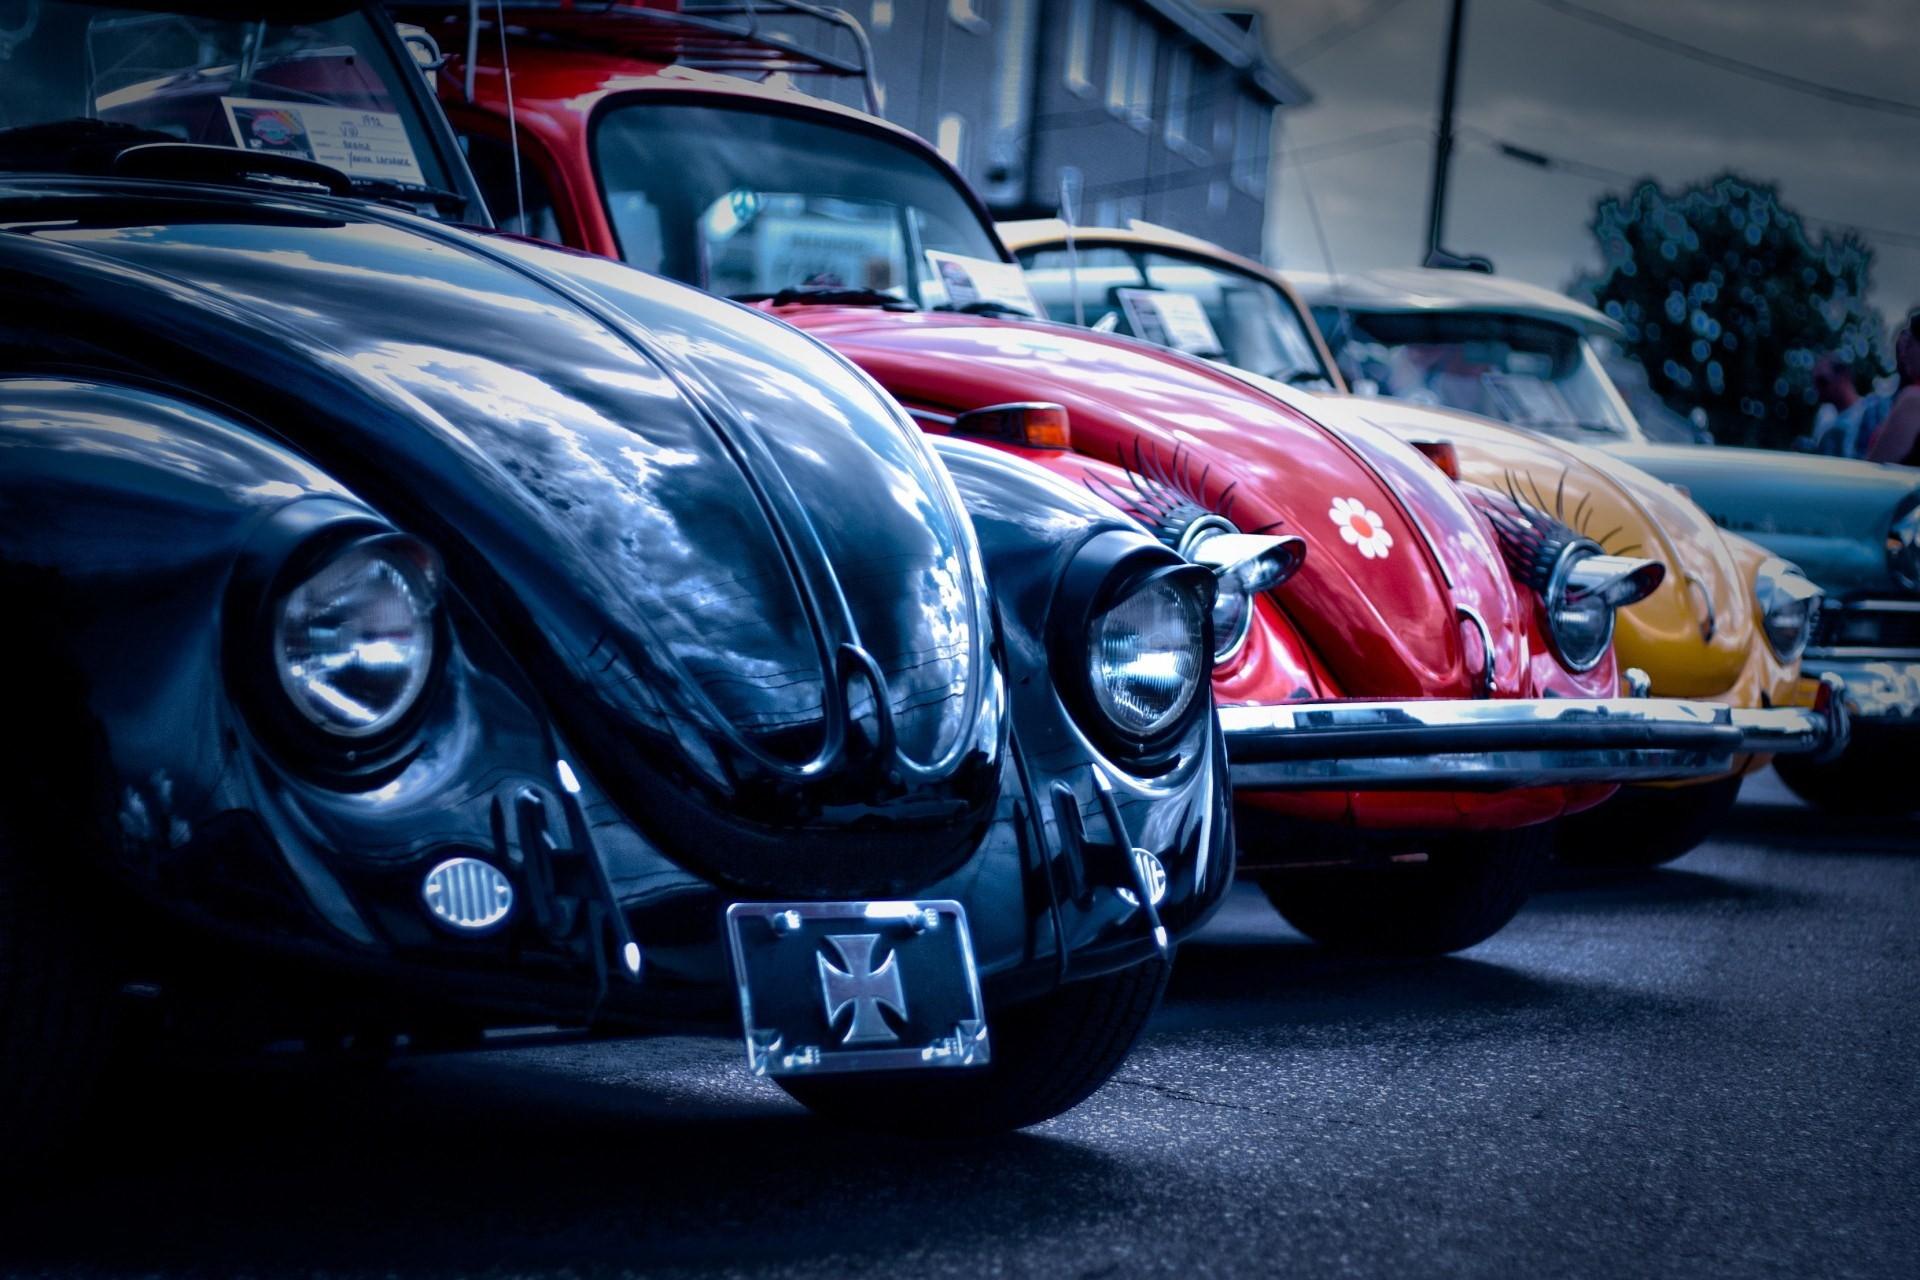 Volkswagen Beetle HD Wallpaper – HD Wallpapers Backgrounds of Your .